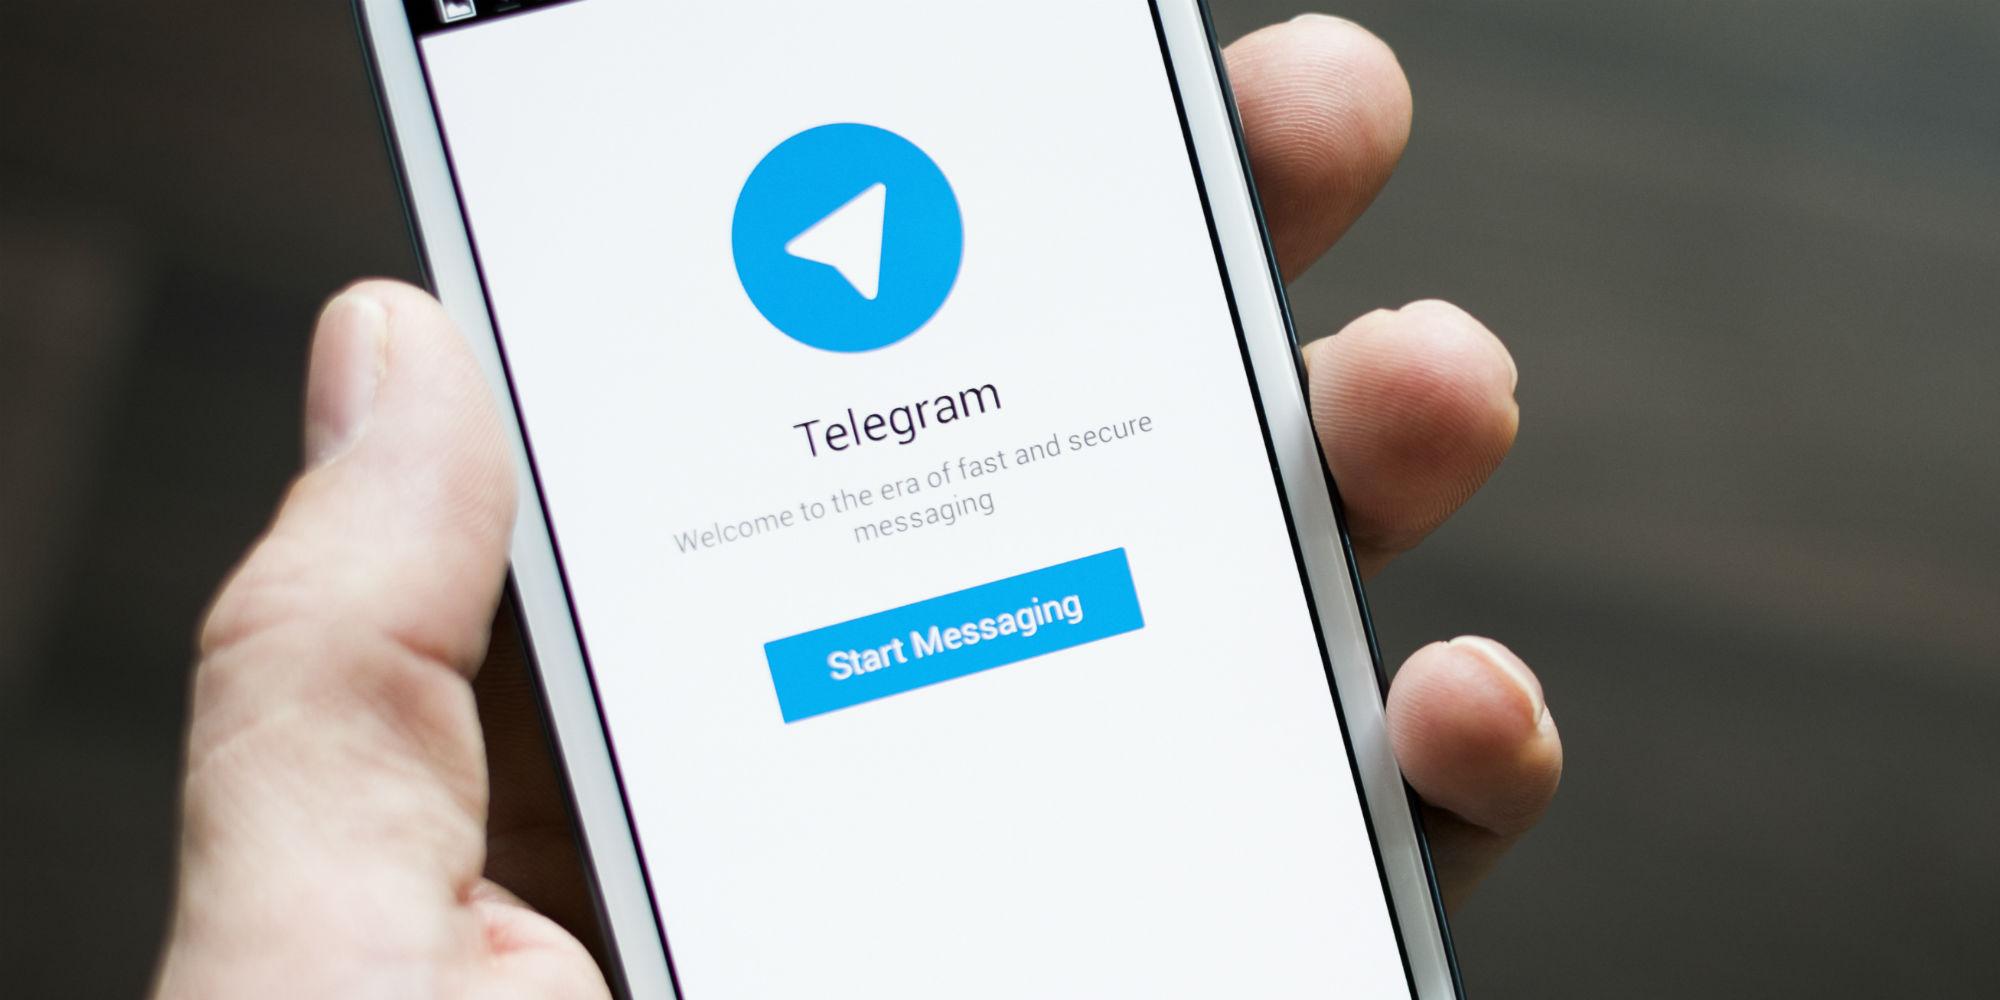 تلگرام فیلتر نخواهد شد+عکس